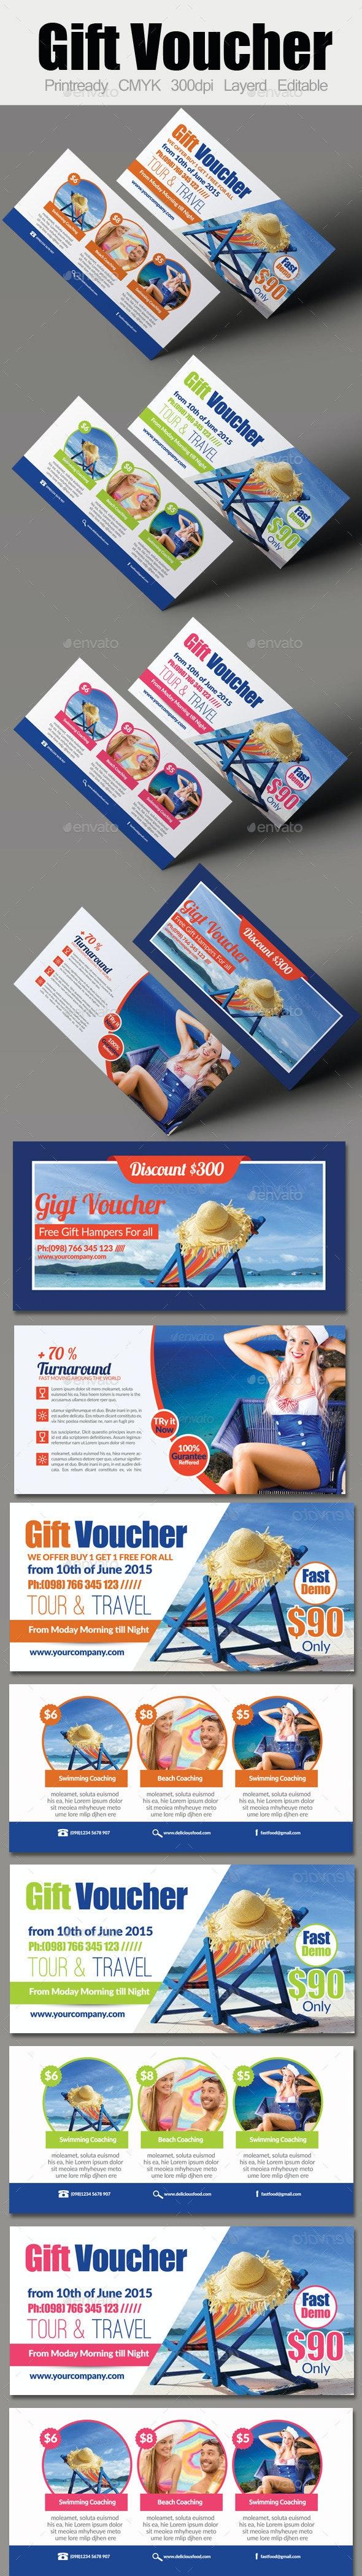 Tour Travel Gift Voucher Bundle